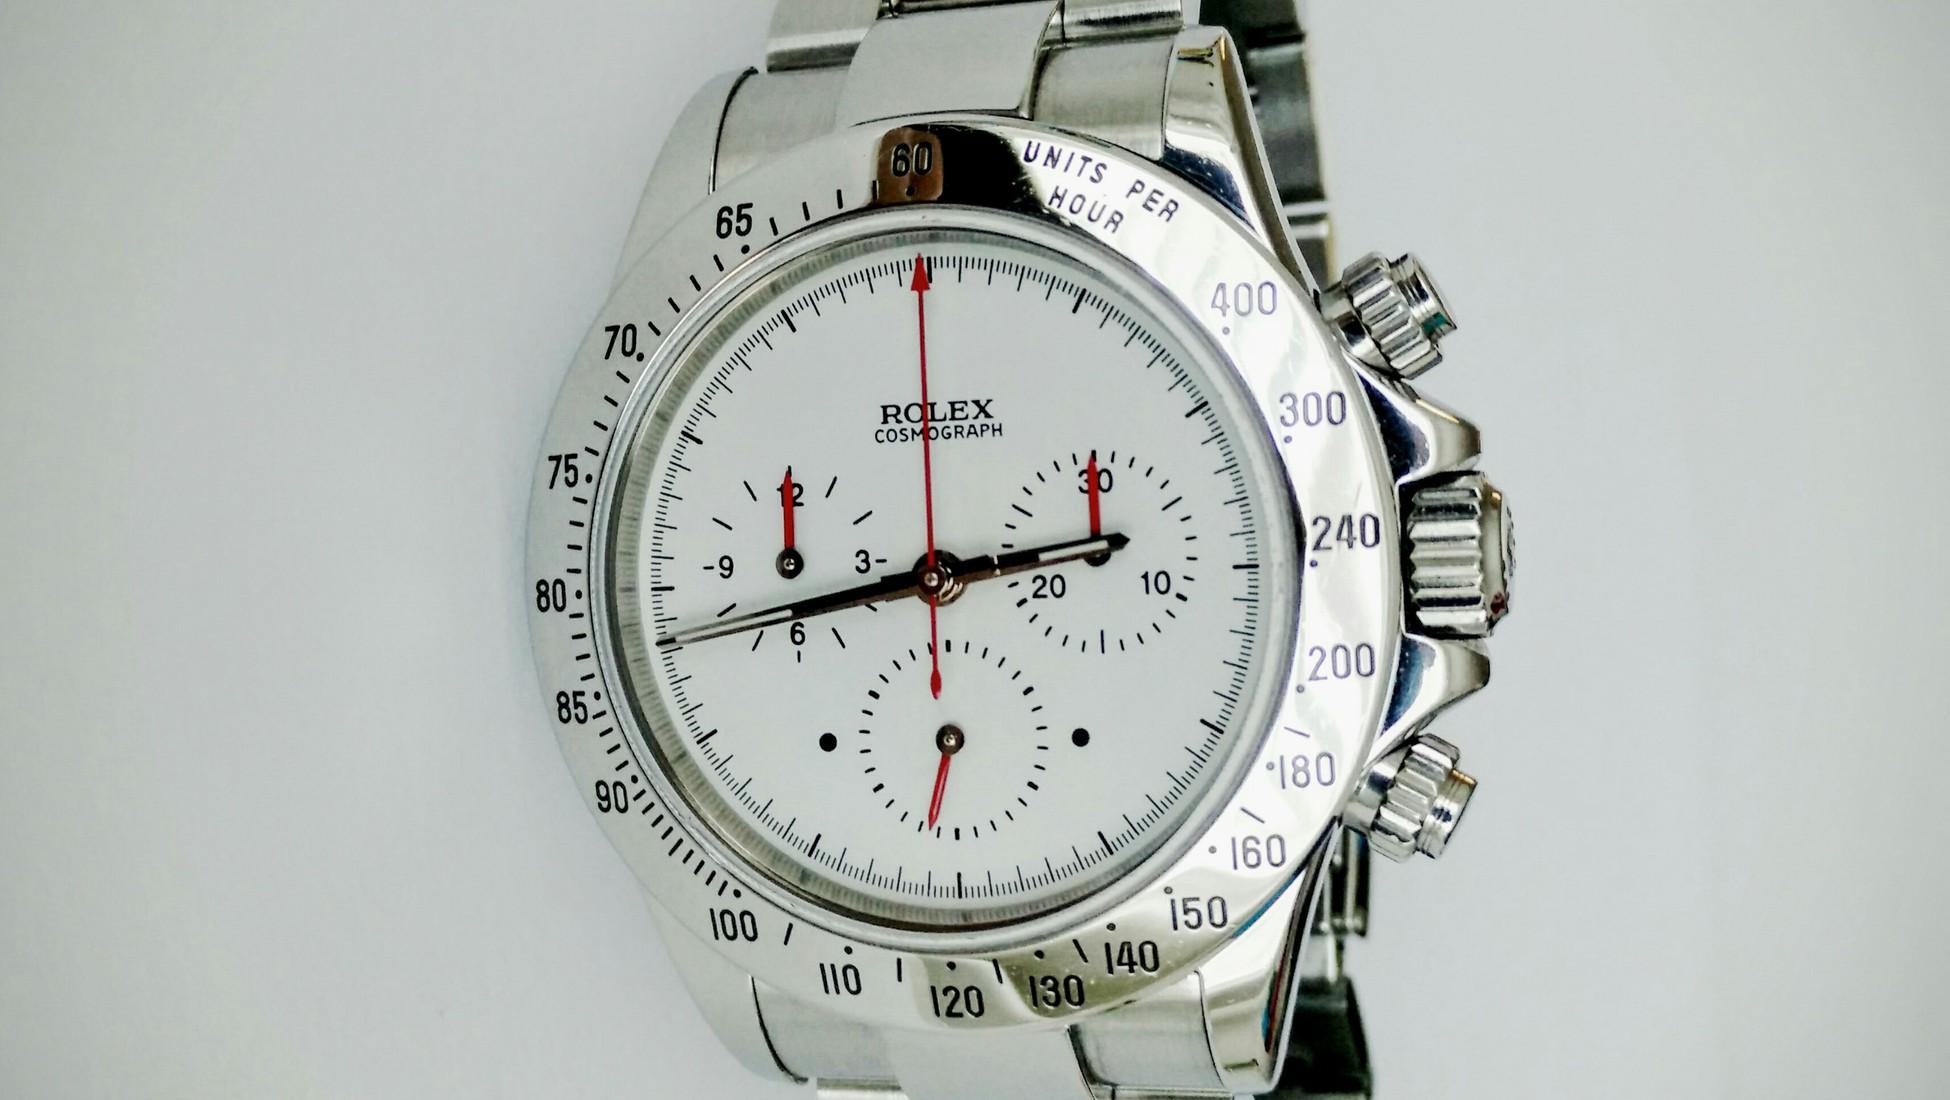 88a43d78799 Le nombre de ventes aux enchères uniquement dédiées aux Rolex sur Catawiki.  En plus de nos ventes d accessoires Rolex et de montres Rolex  hebdomadaires